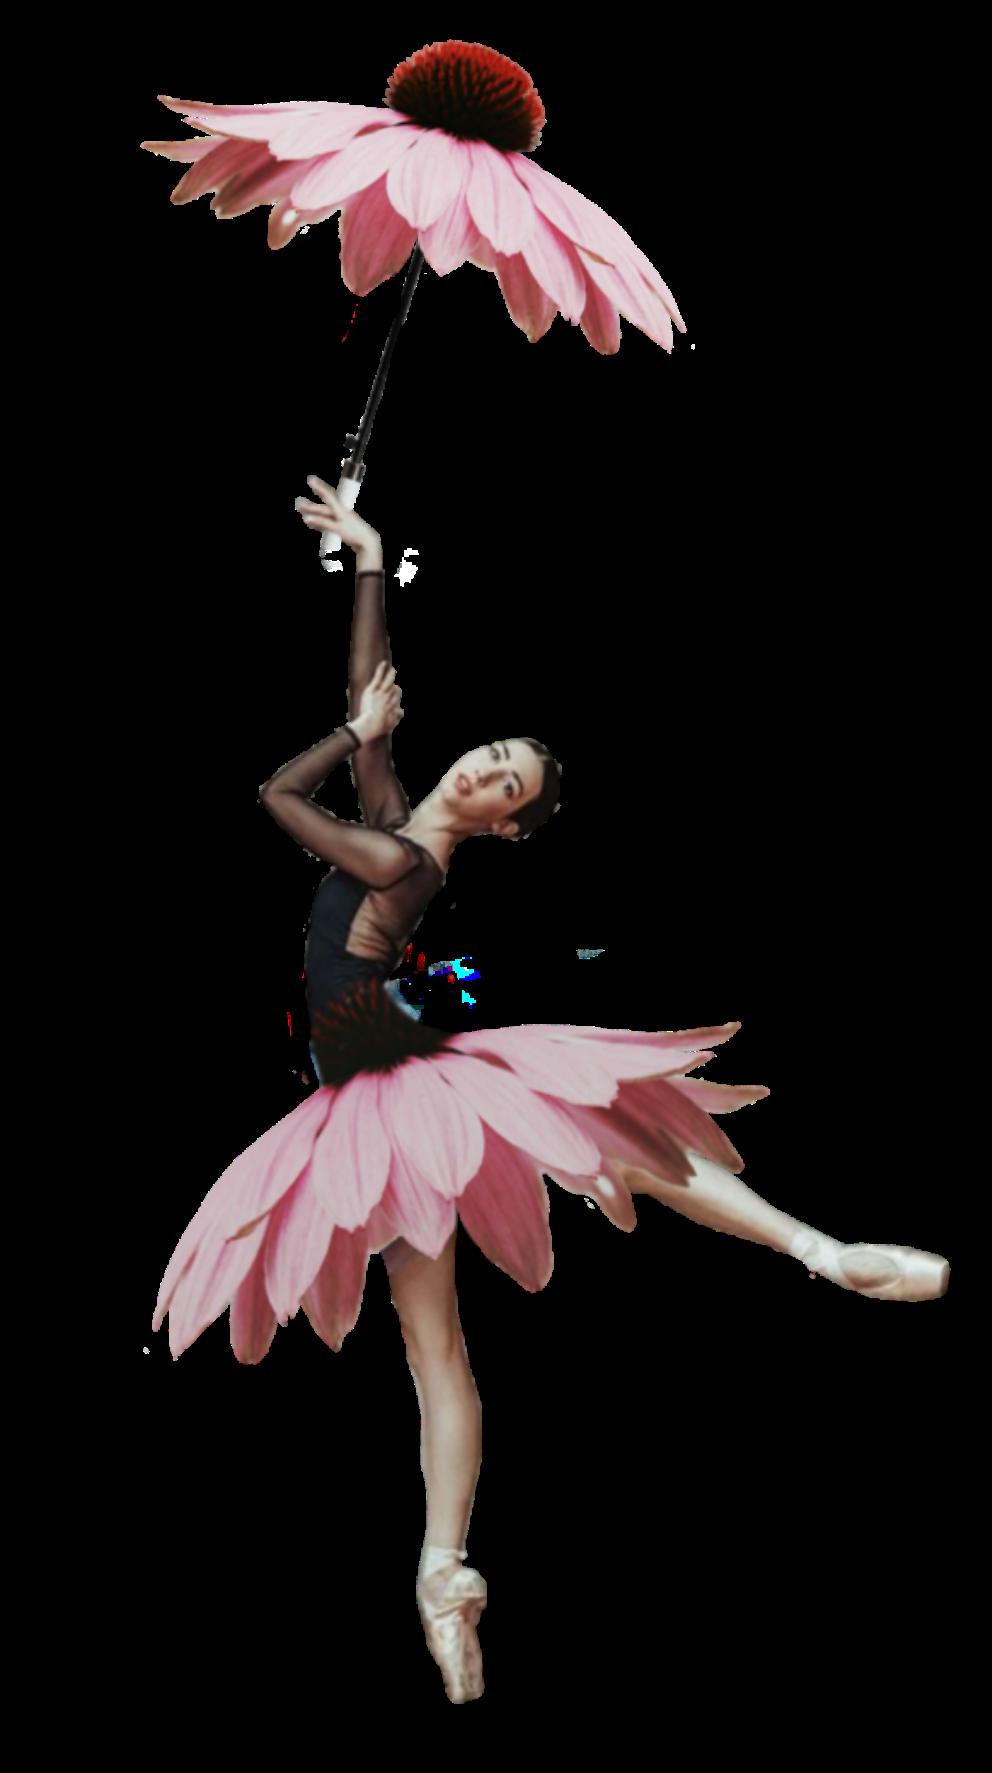 цветочные балерины картинки разводка системы